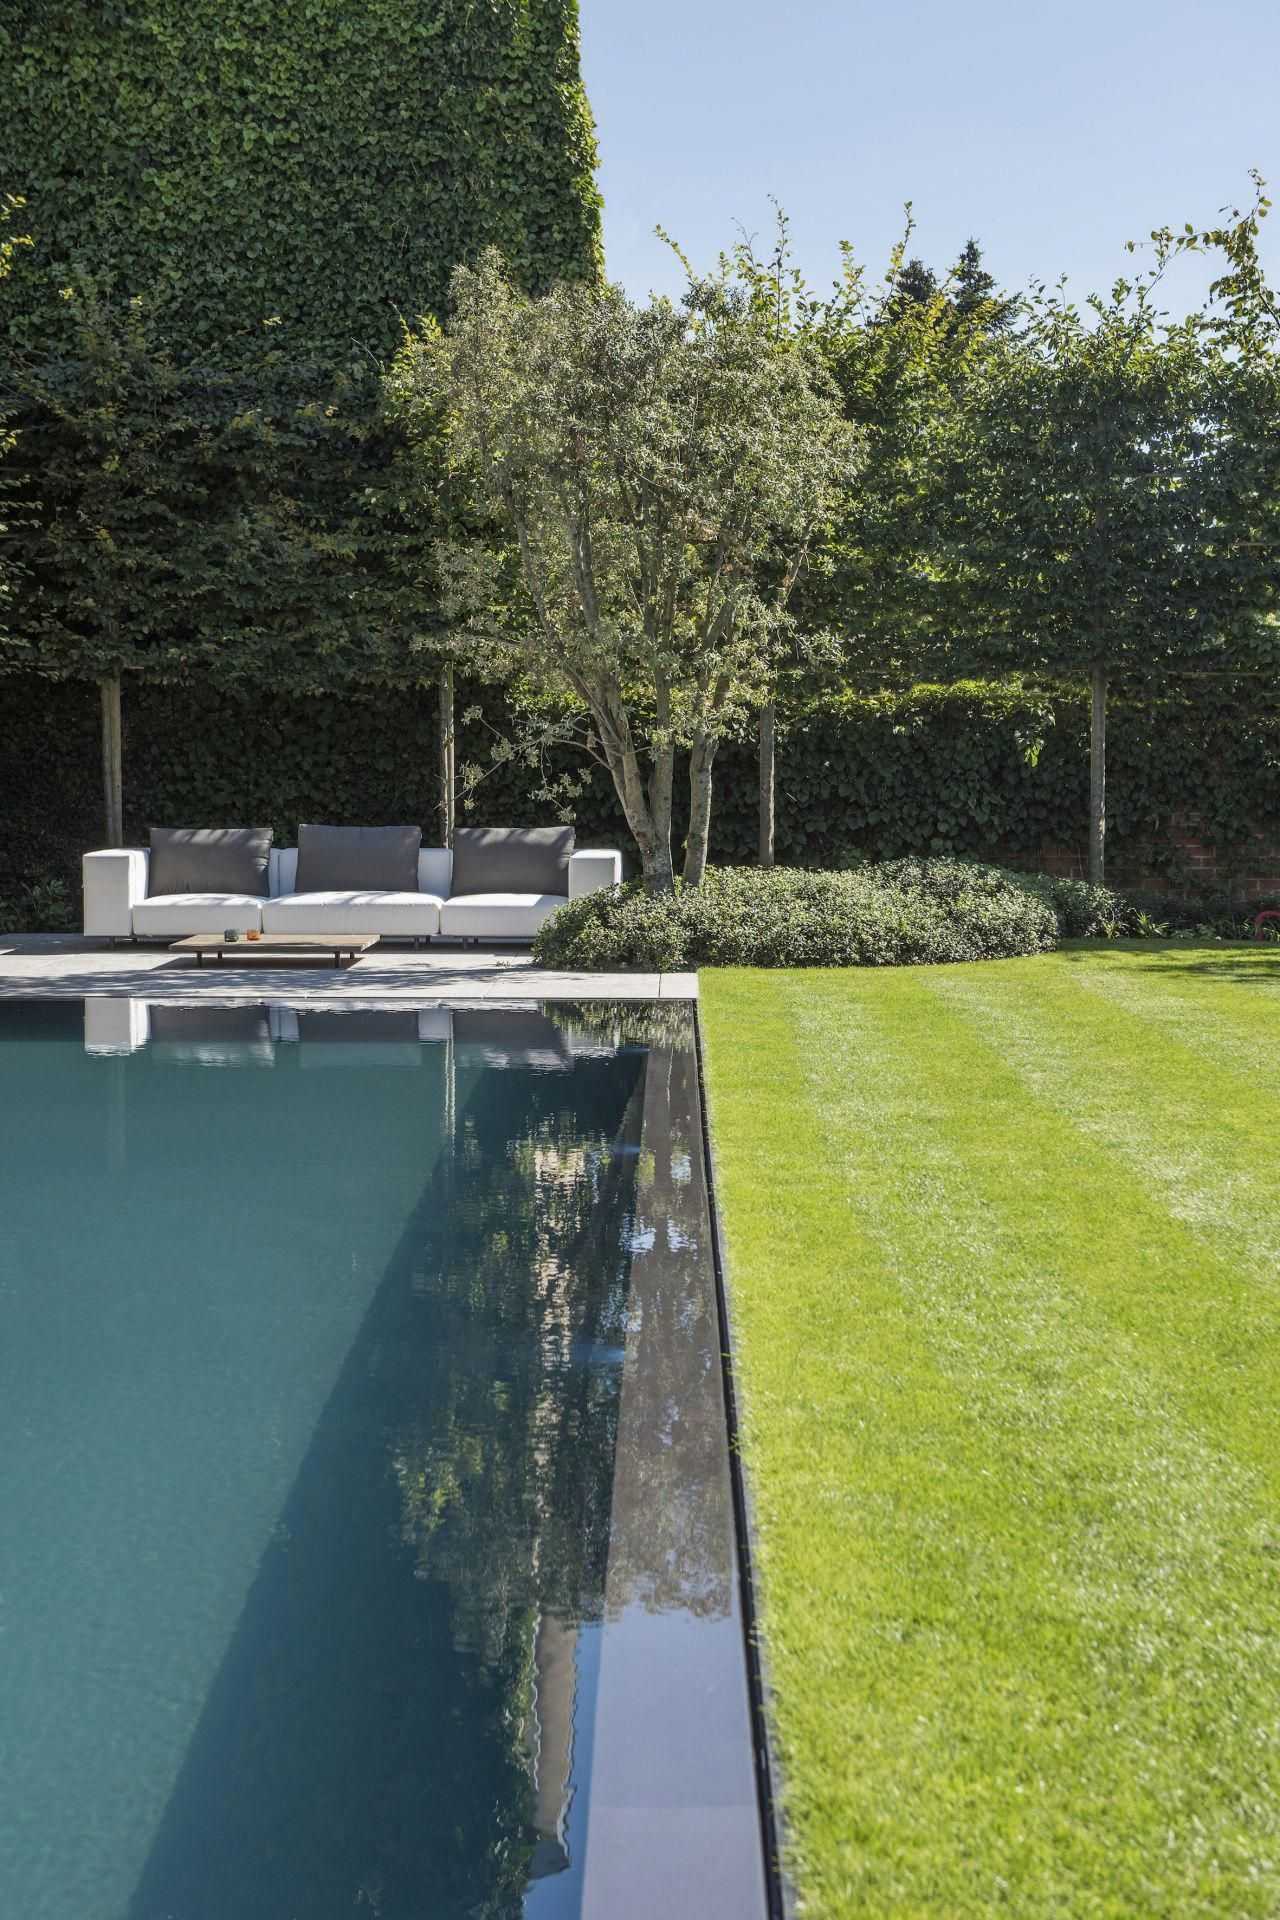 Onze Tuinen Stijn Phlypo Tuindesign Pool Landscape Design Pool Landscaping Swimming Pools Backyard